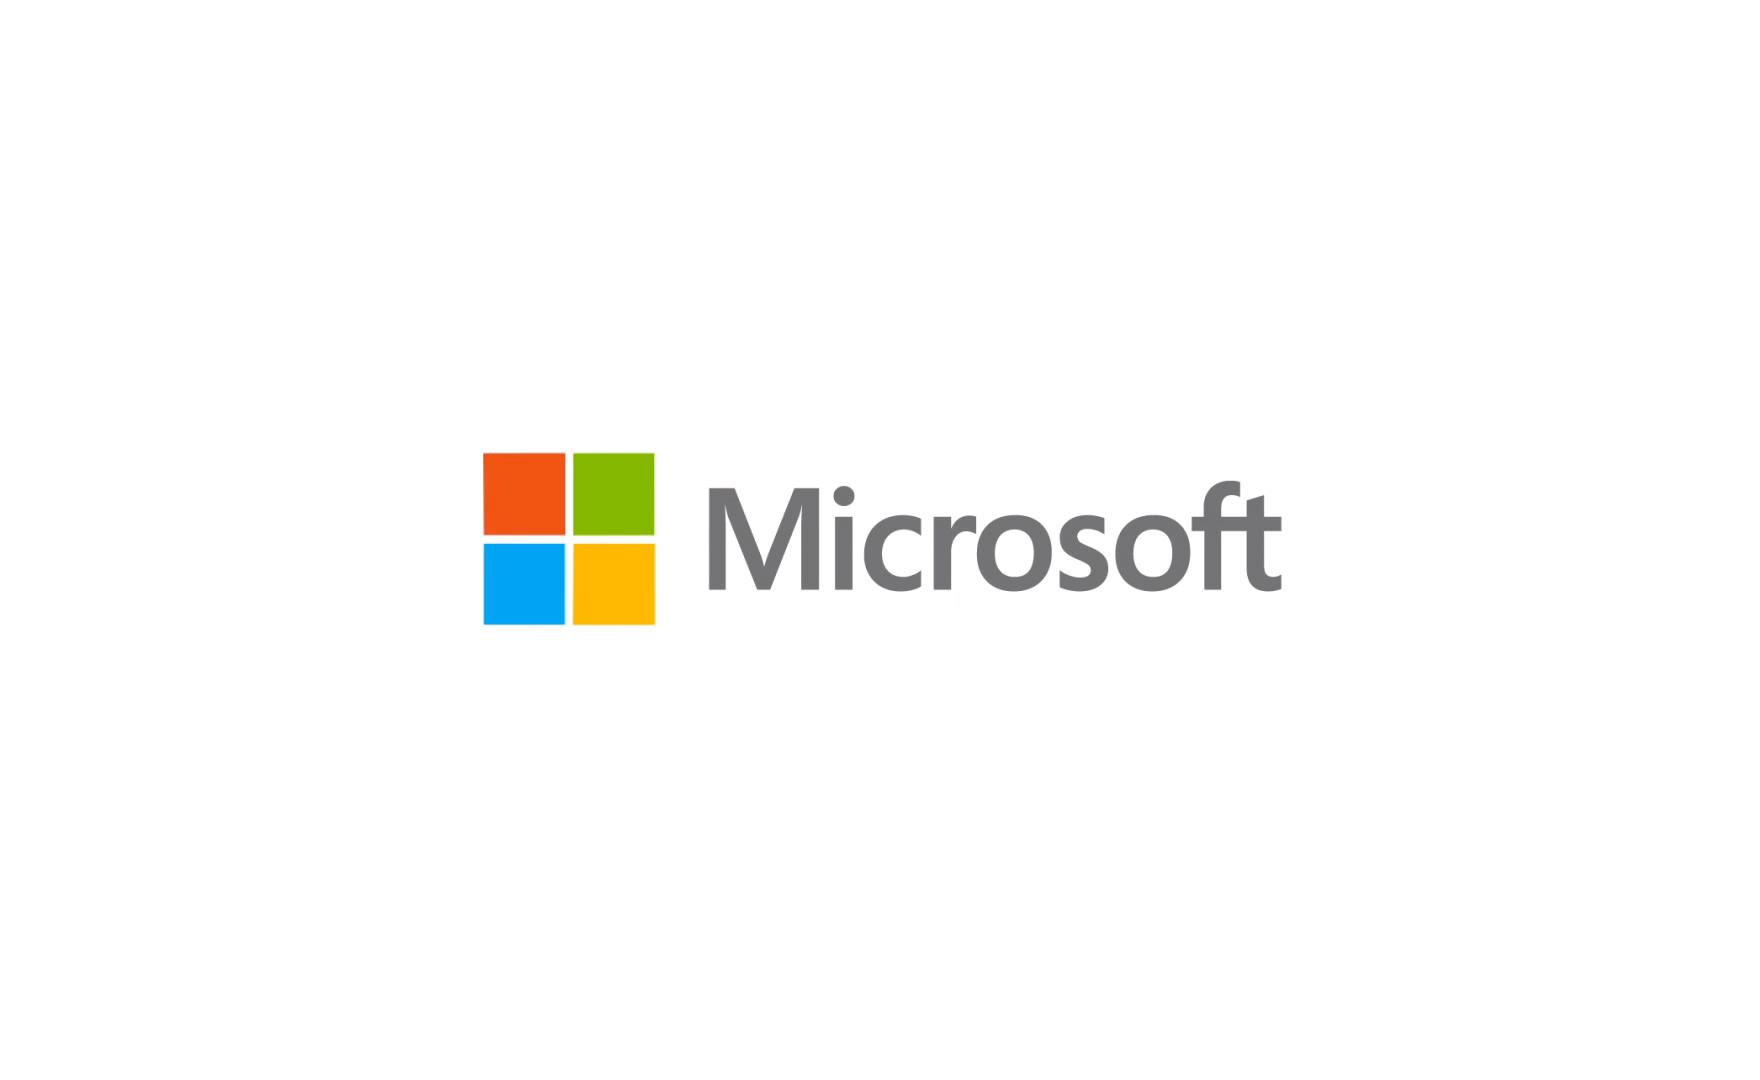 Xbox: Microsoft inarrestabile, ci saranno altre acquisizioni